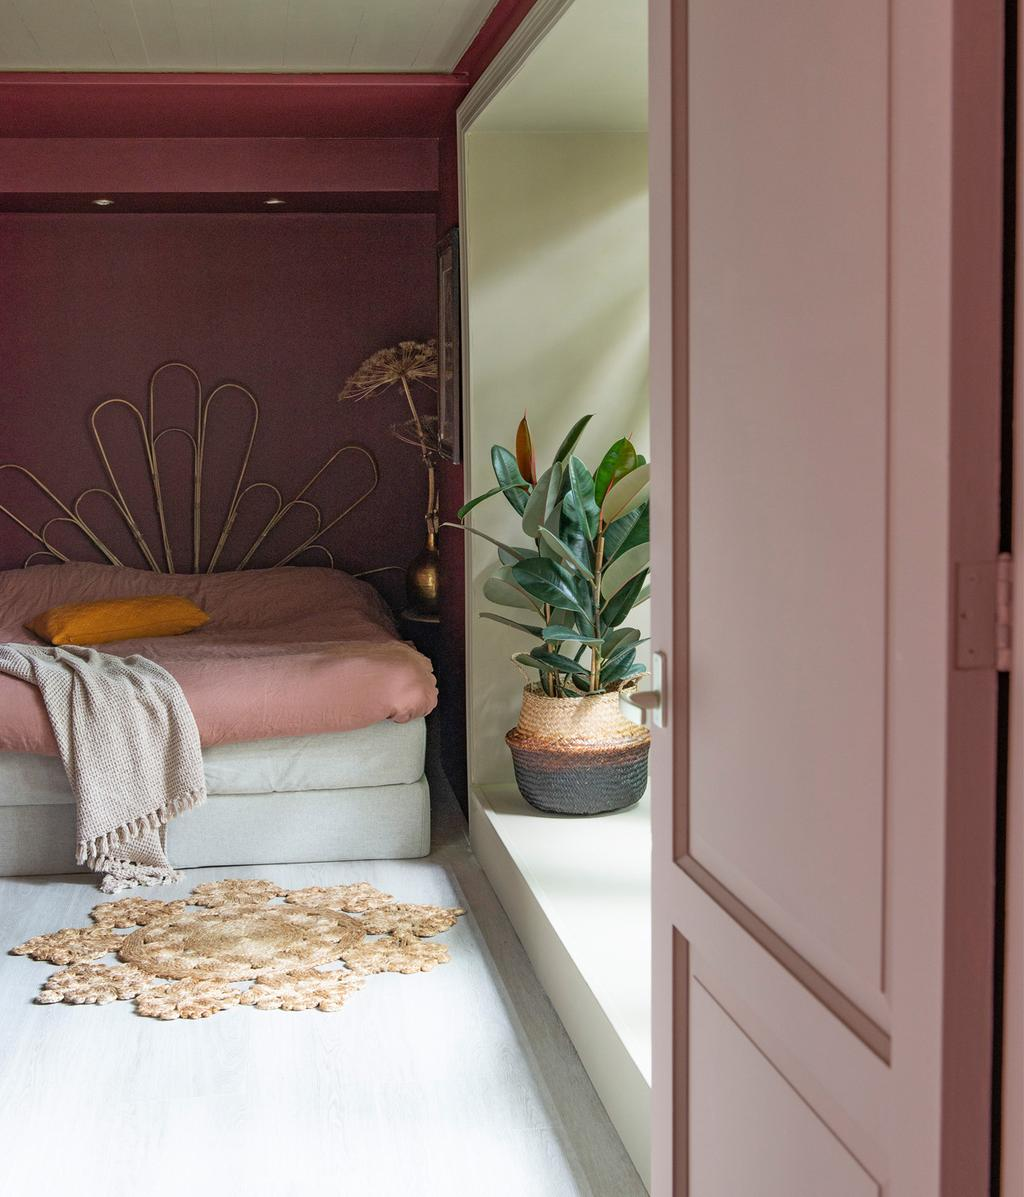 Roze slaapkamer | vtwonen 01-2021